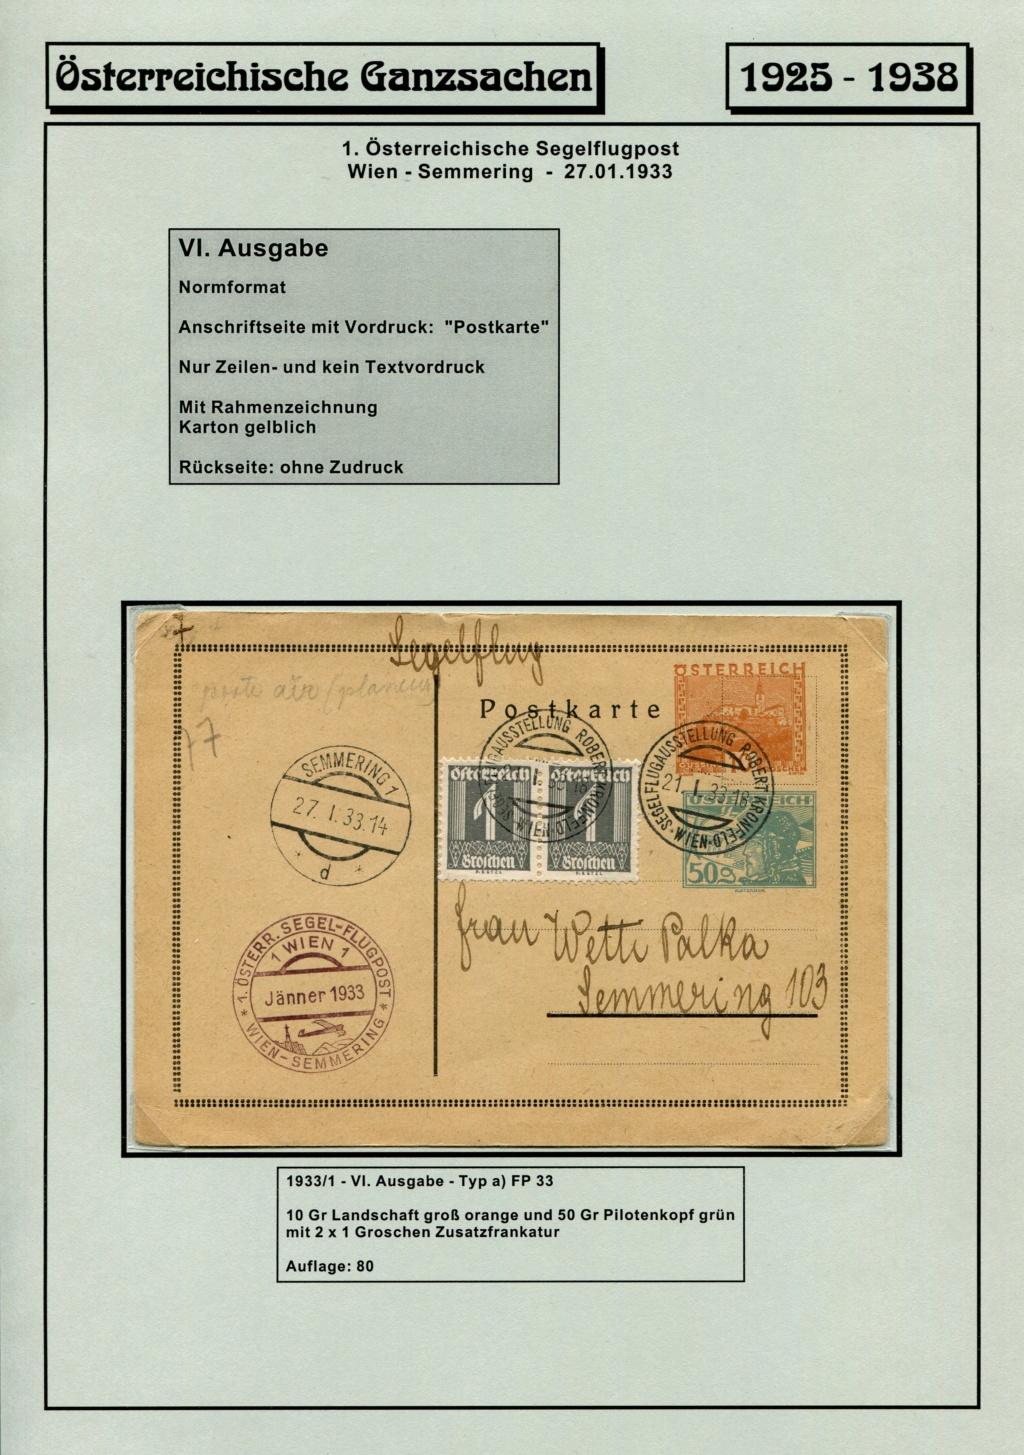 Ganzsachen - Segelflug Robert Kronfeld 1933 Kr_00212